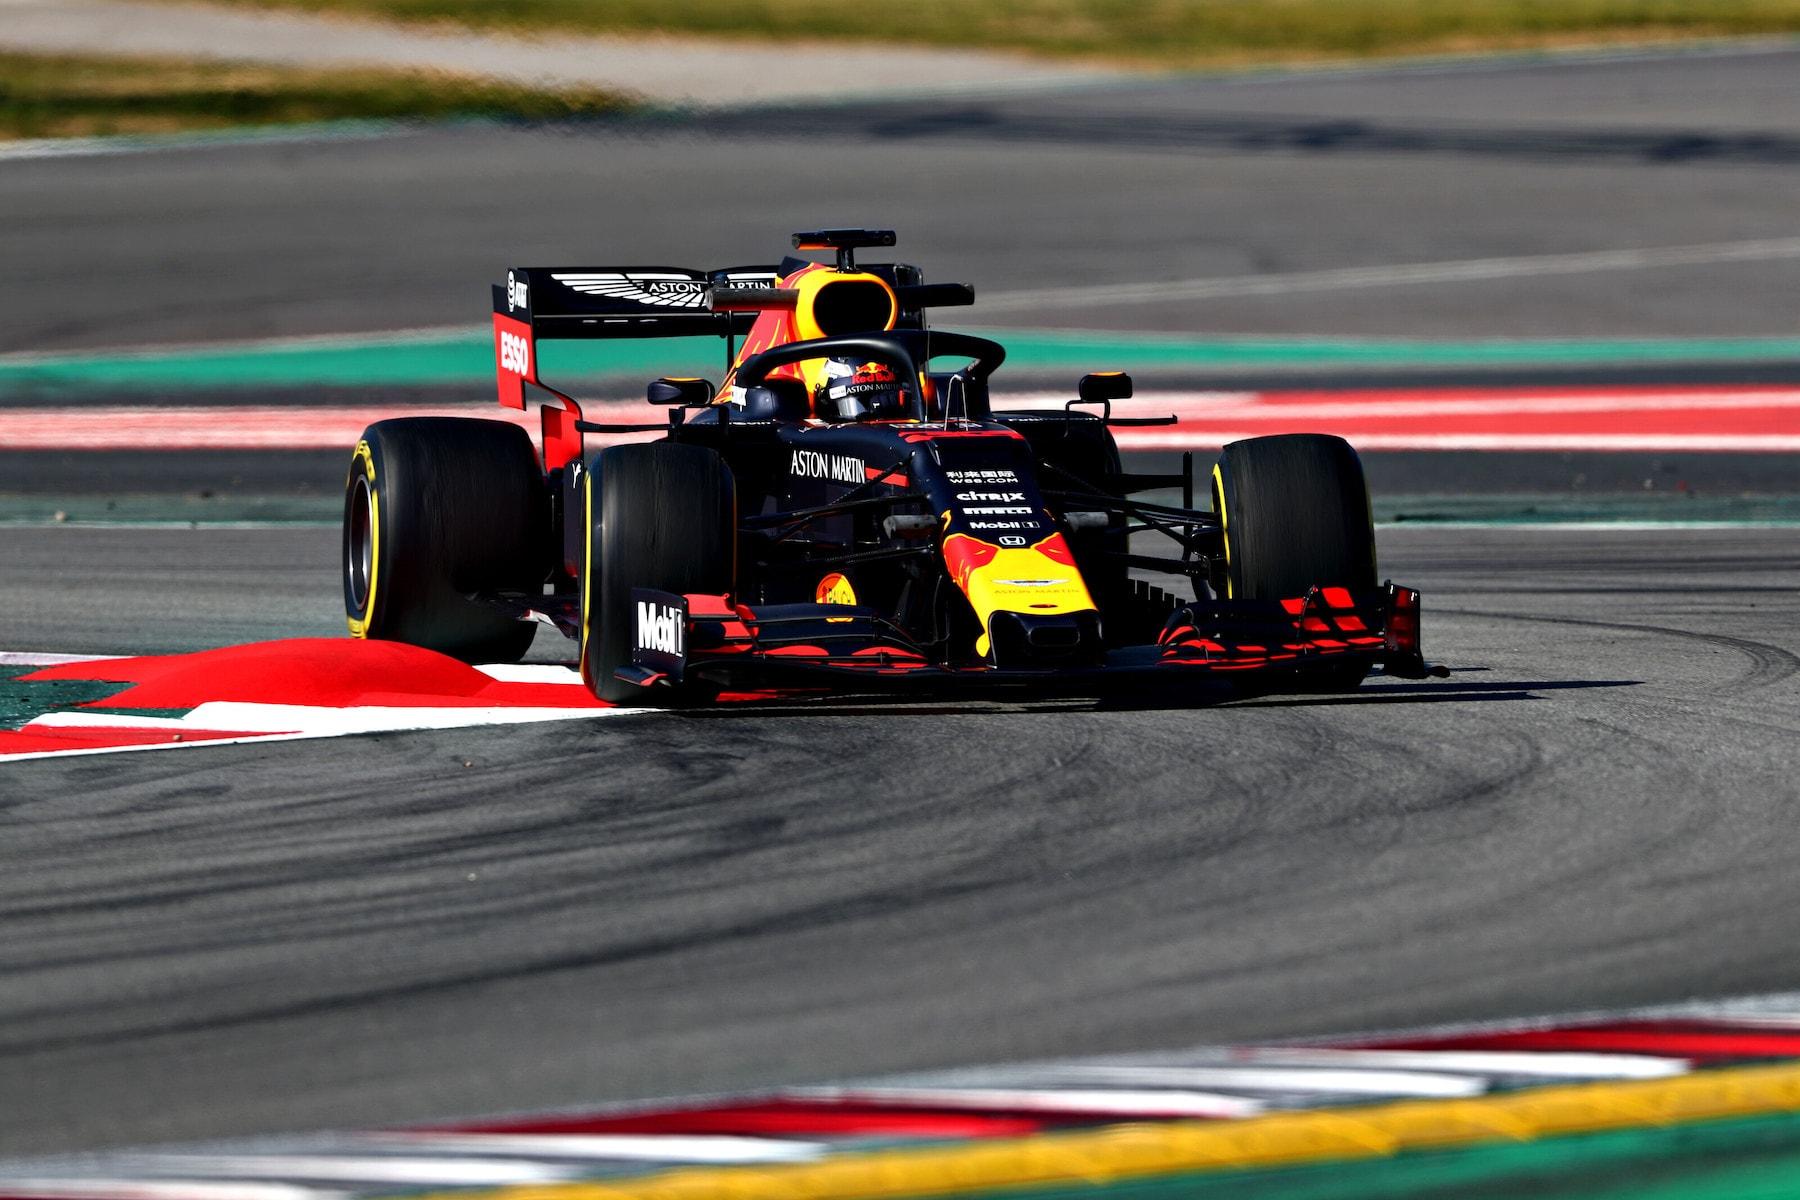 2019 Max Verstappen   Red Bull RB15   2019 Barcelona T1 D1 1 copy.jpg